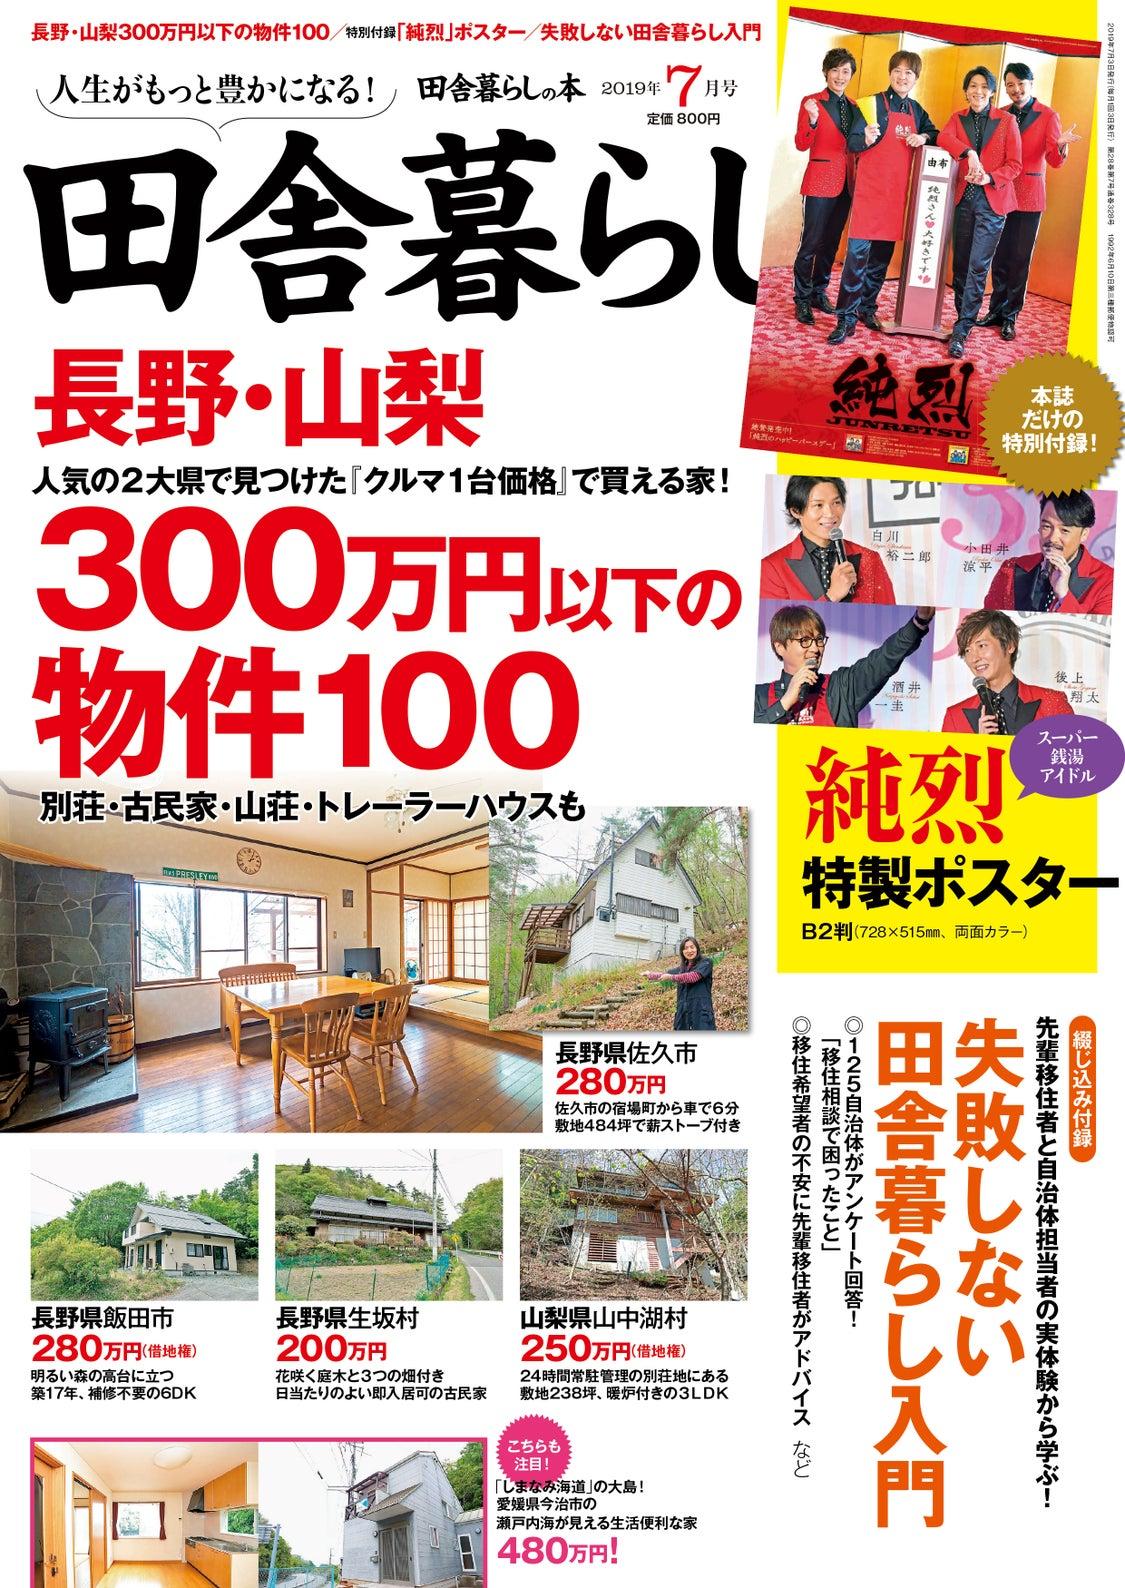 6/3宝島社「田舎暮らしの本」7月号発売!の記事より